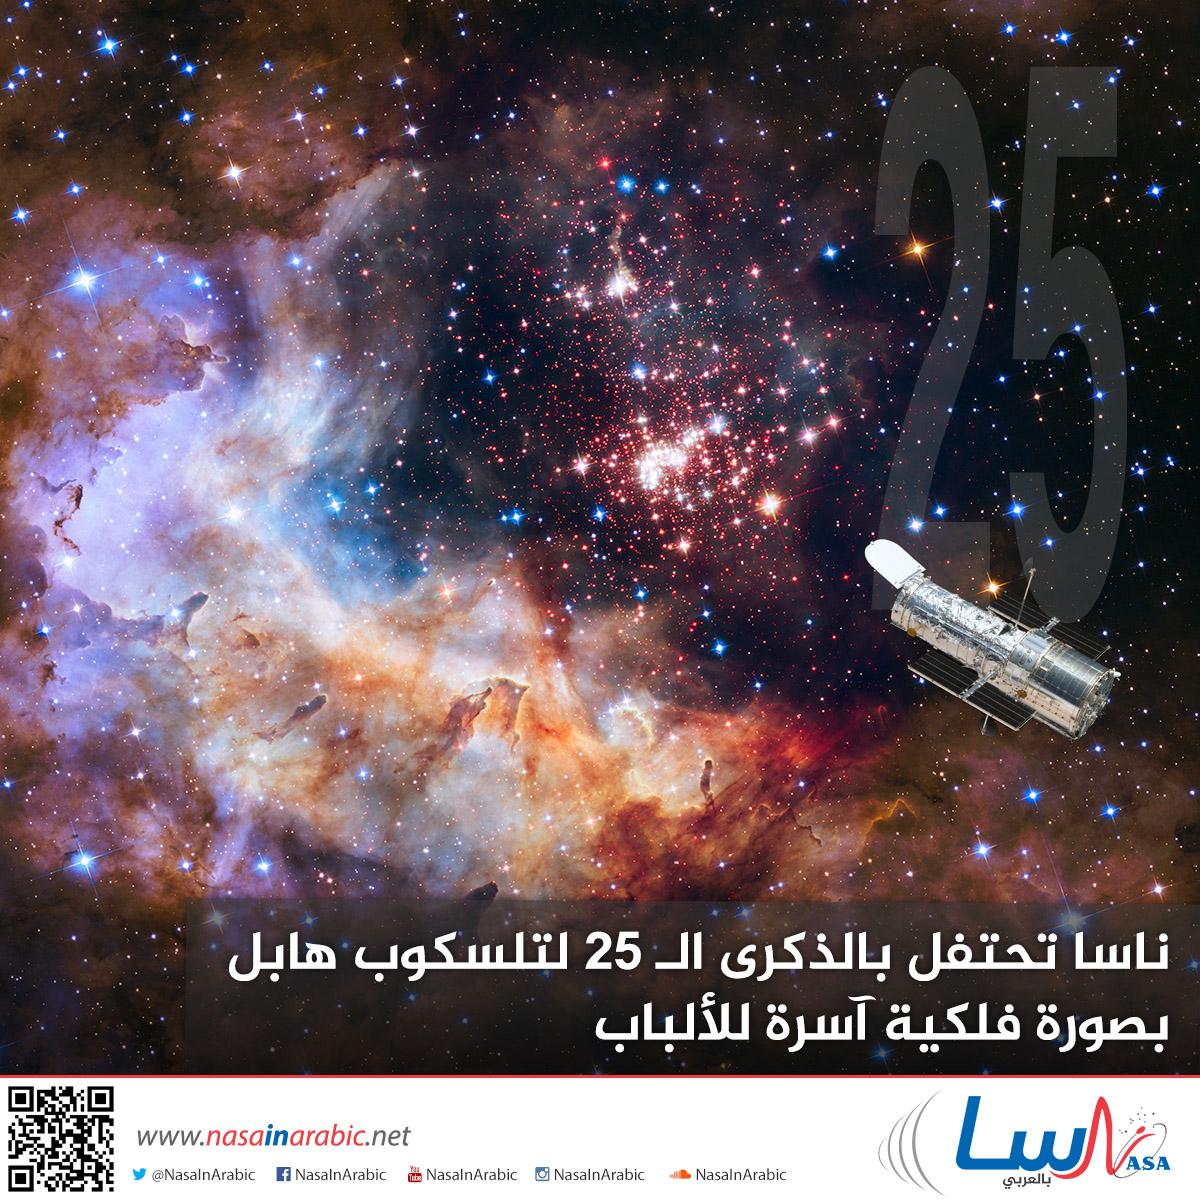 ناسا تحتفل بالذكرى الـ 25 لتلسكوب هابل بصورة فلكية آسرة للألباب